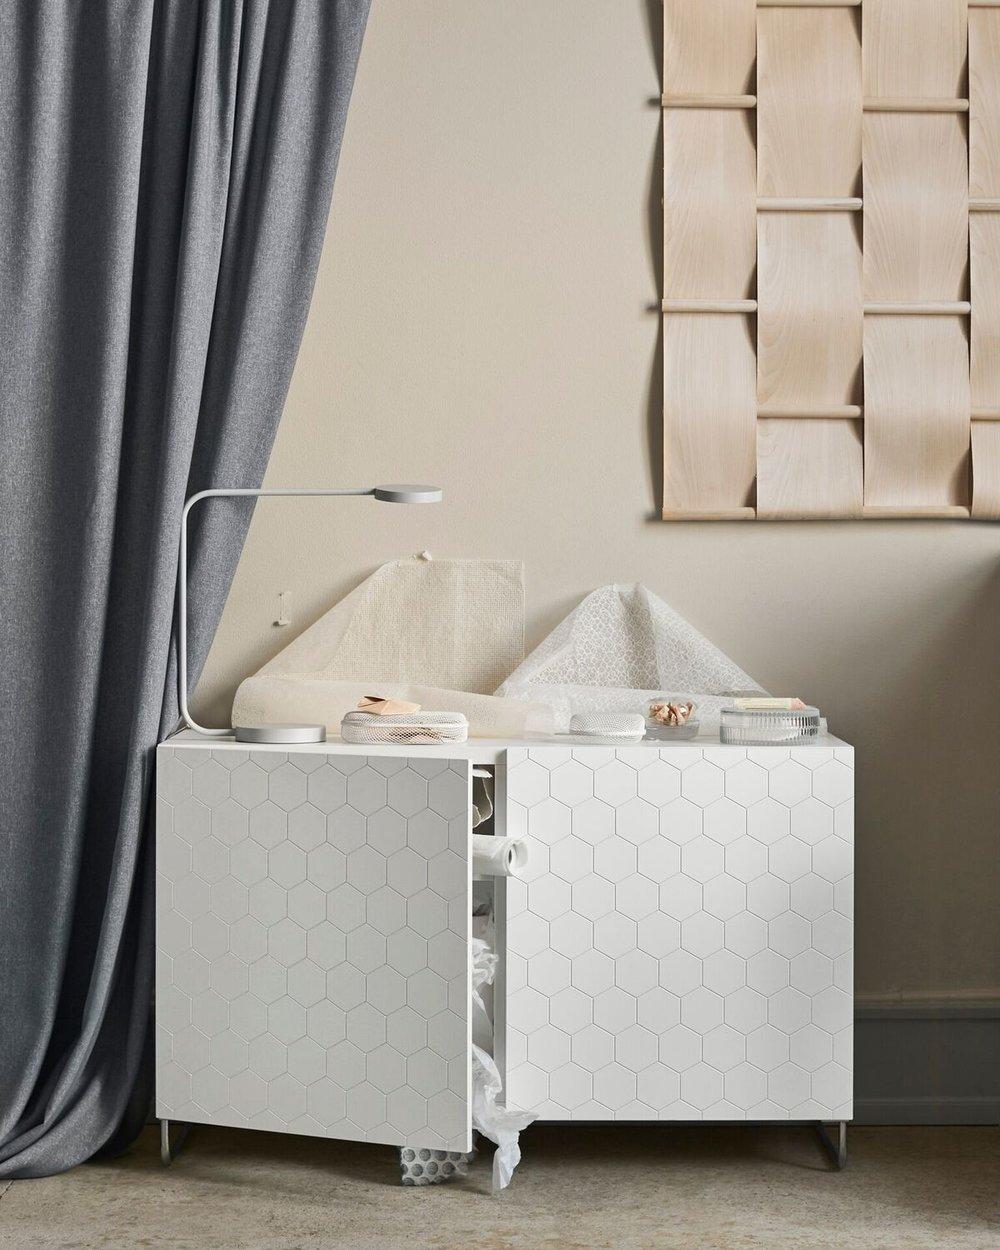 På messen vil IKEA ha med seg sine beste designere og aktivt invitere til spennende tolkninger sammen med publikum. Hvordan kan du la IKEA hjelpe deg til å la livet ditt innrede din stue og ditt hjem slik at du kan skape deg en sfære på din måte?